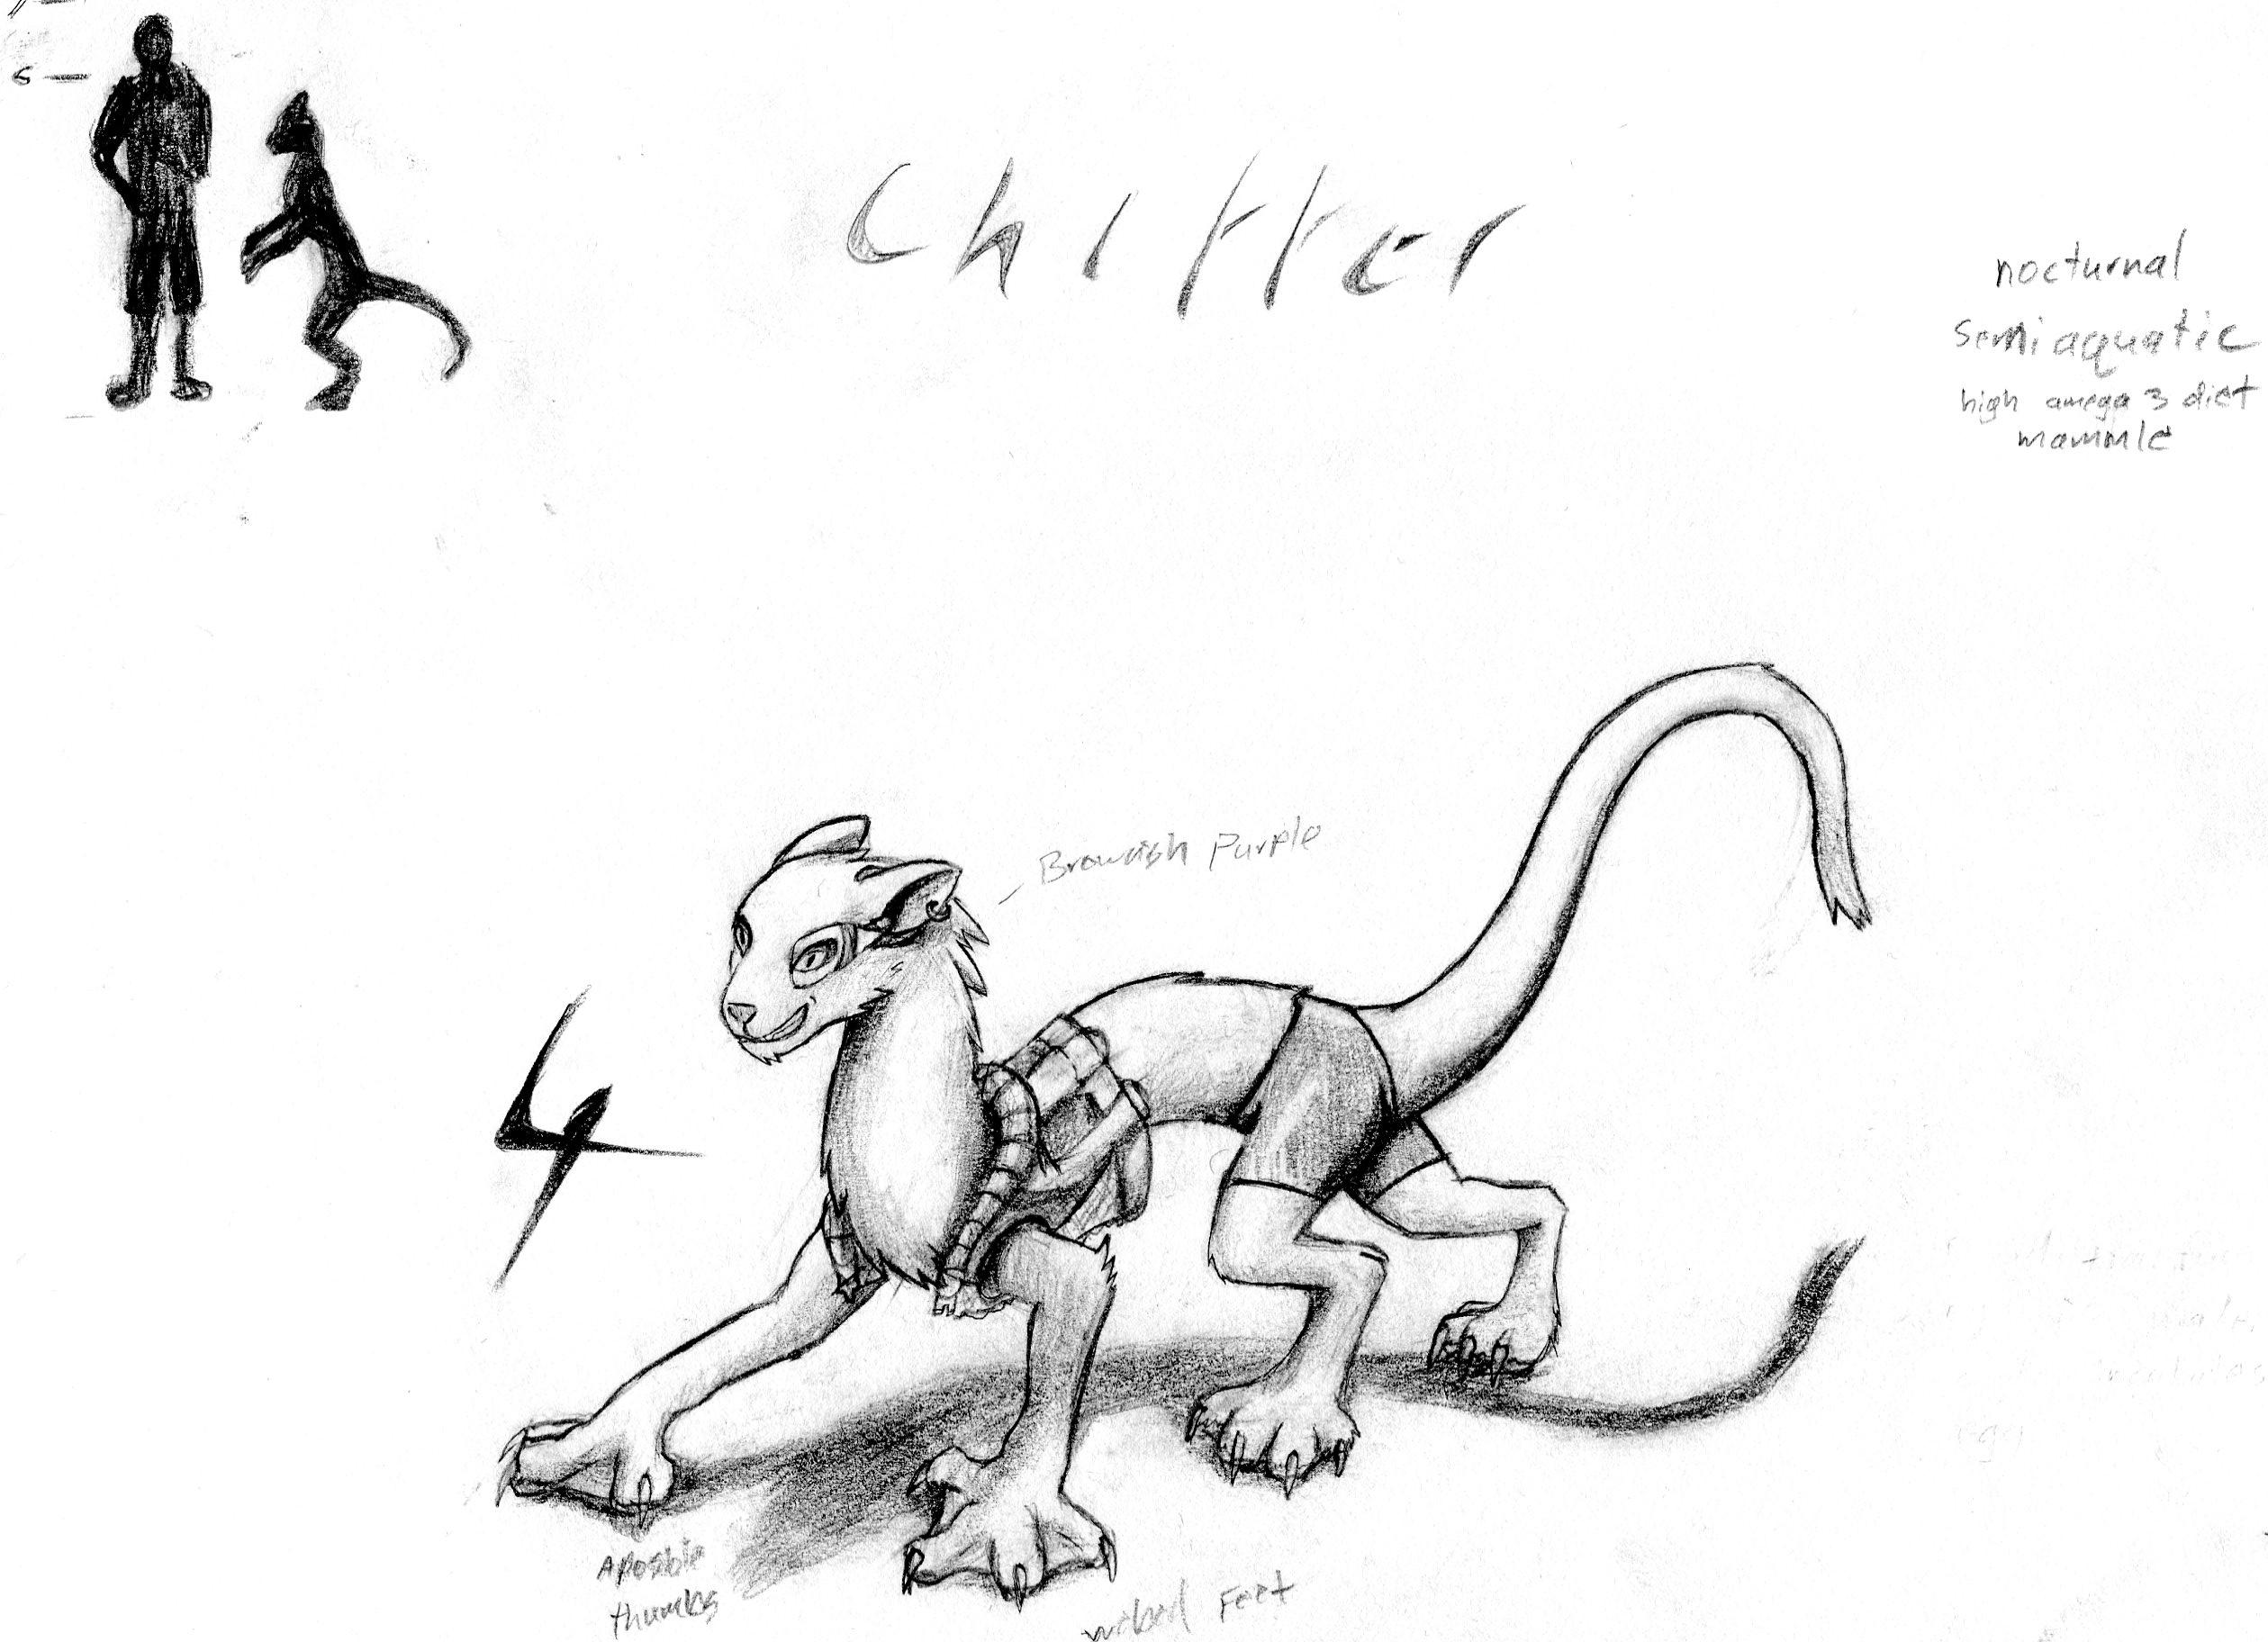 chitter sketch 1